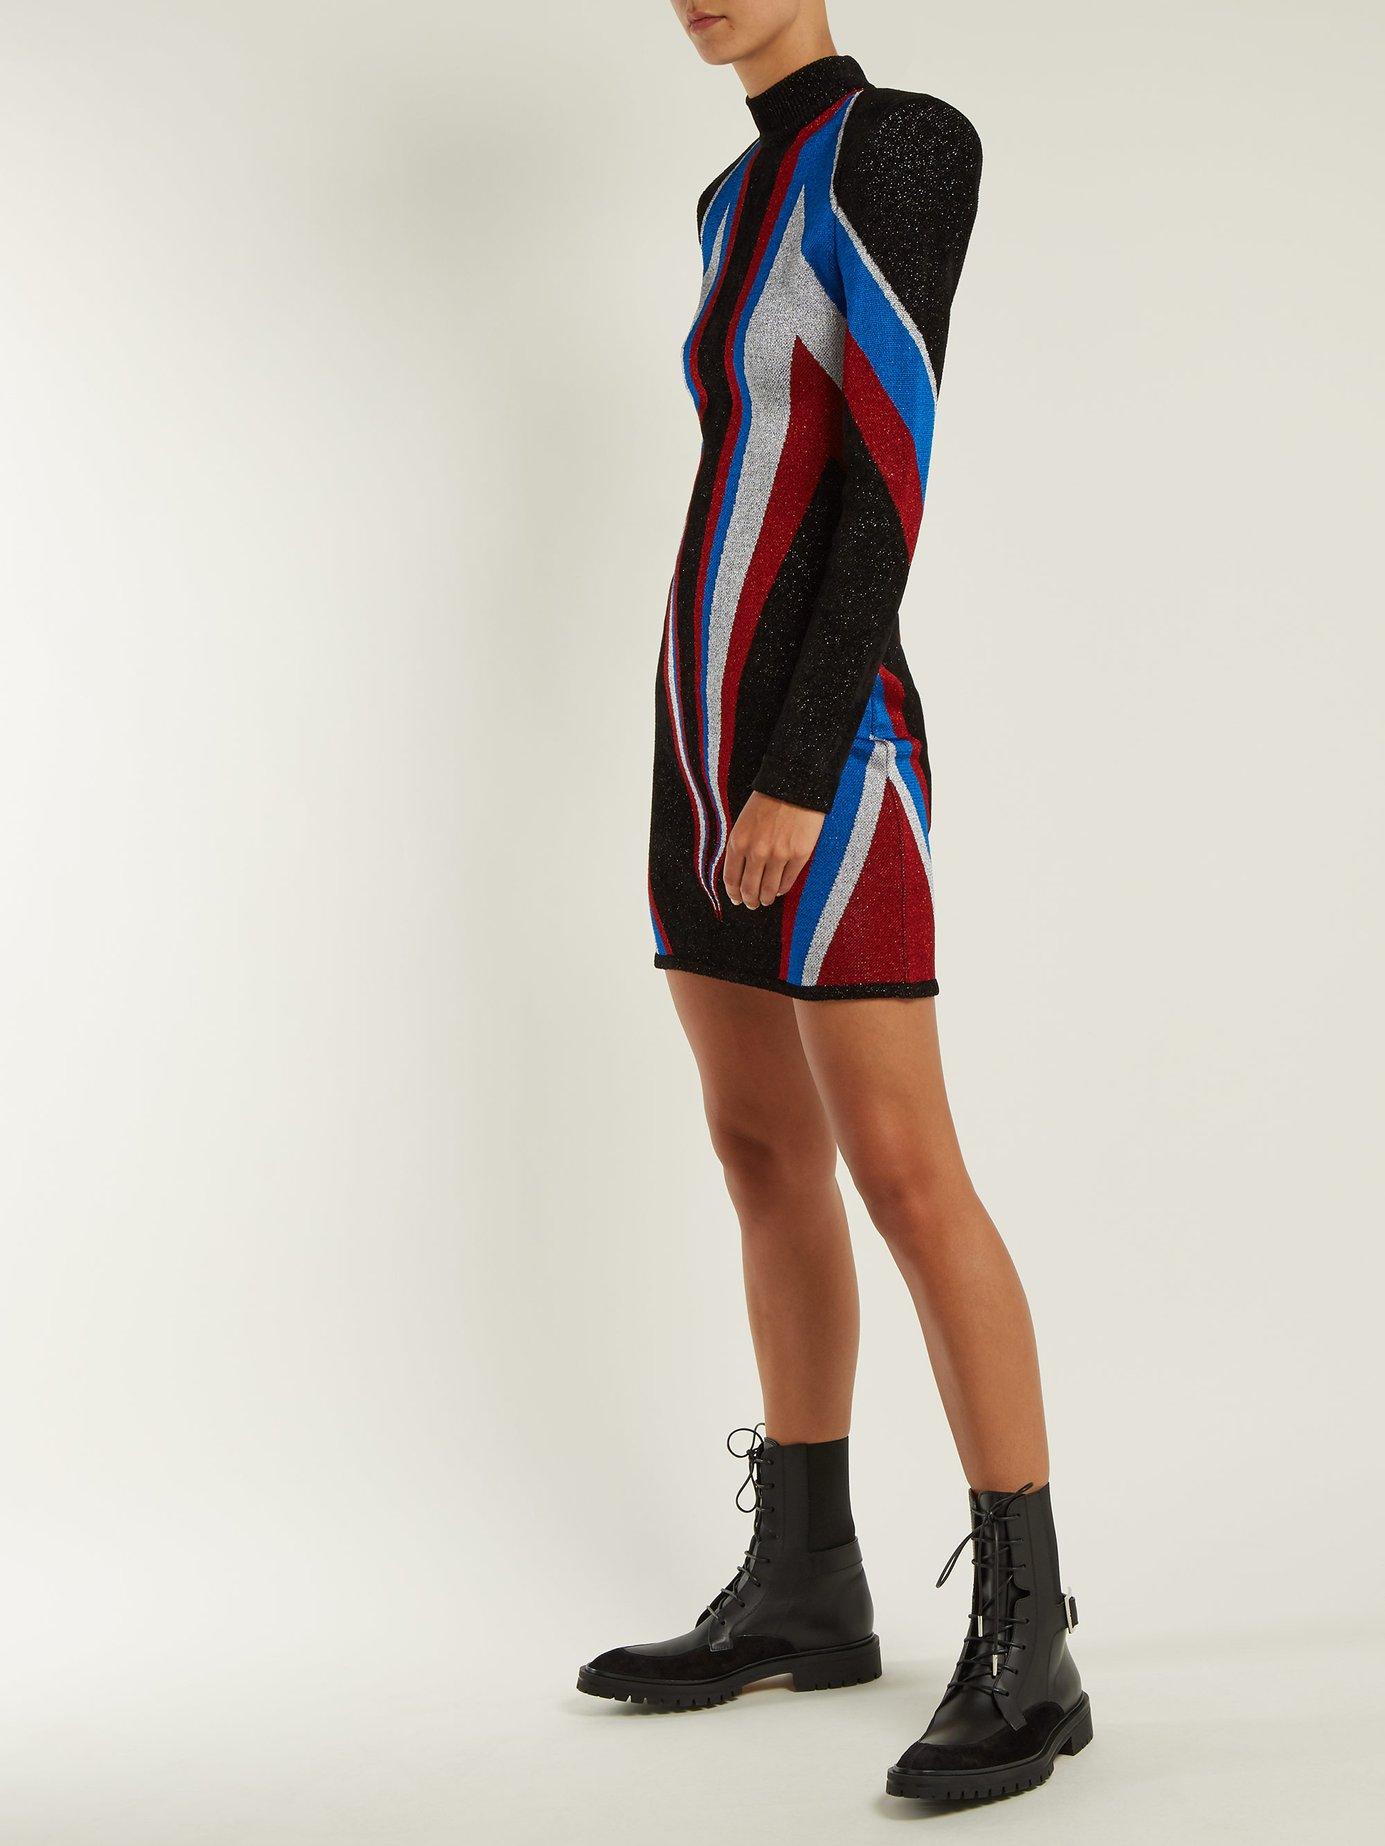 High-neck knit mini dress by Balmain